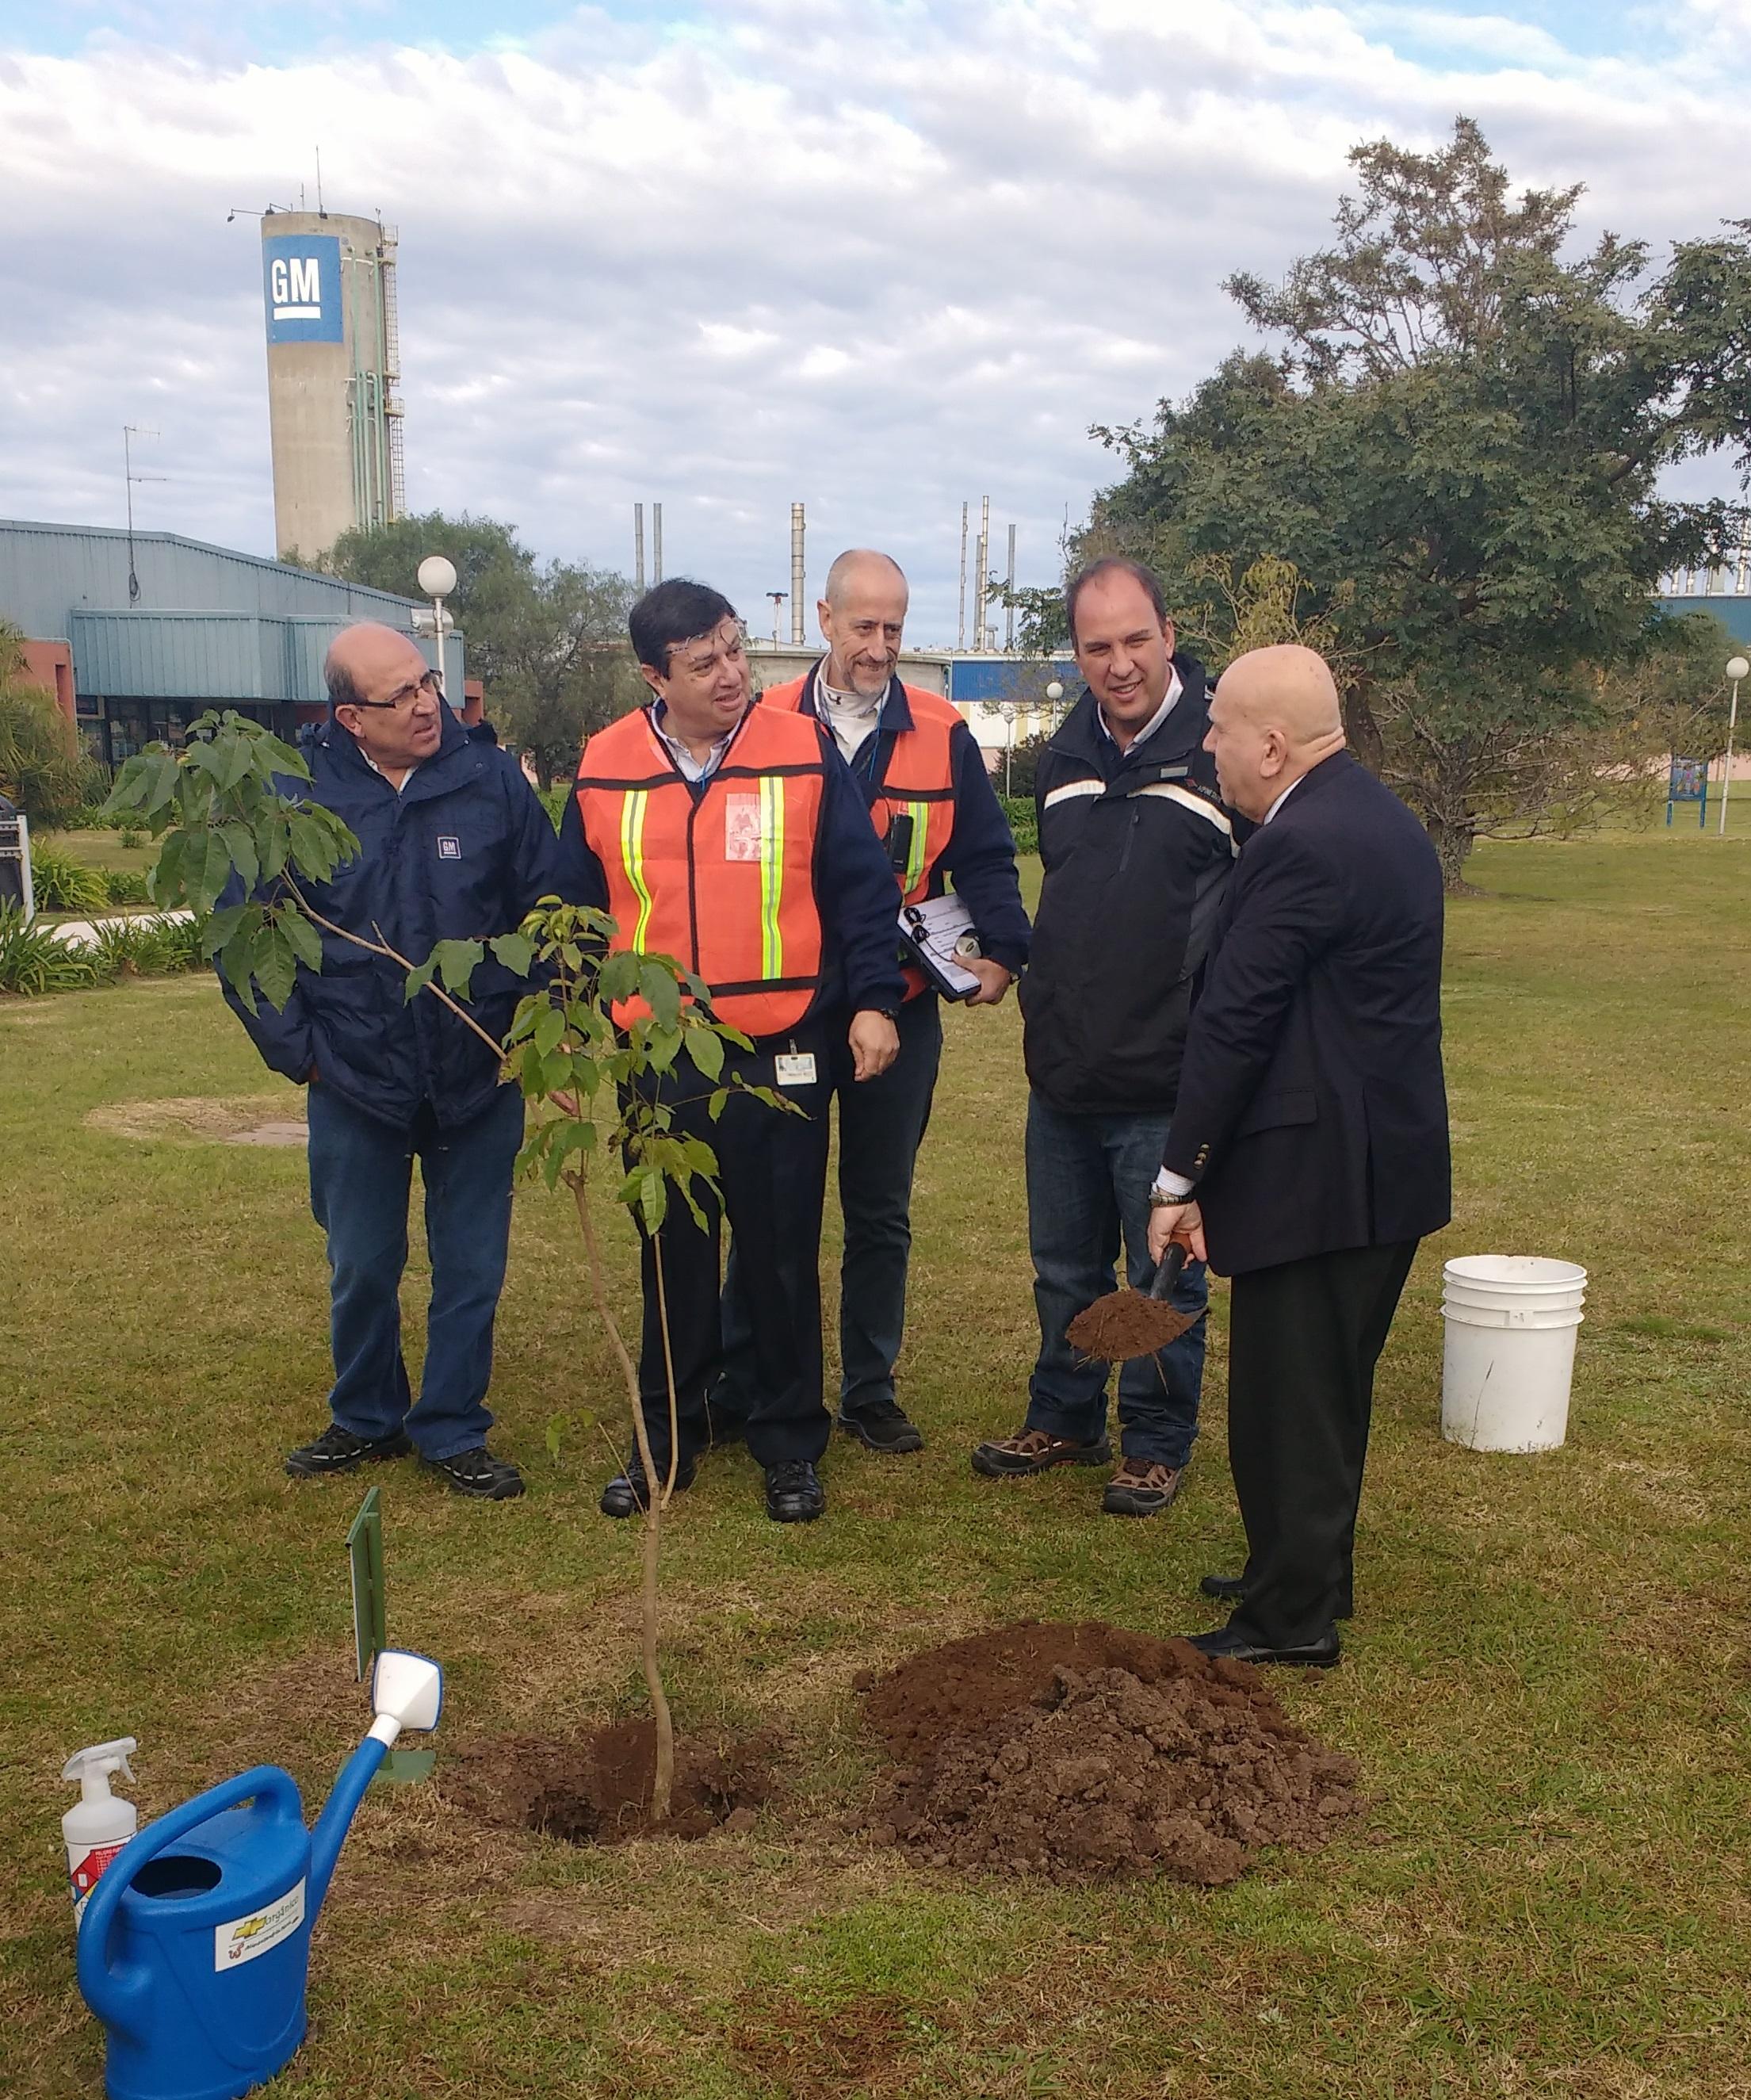 Plantación de árbol en GM junto a Mtro de Medio Amb pcia Sta Fe, Jacinto Speranza